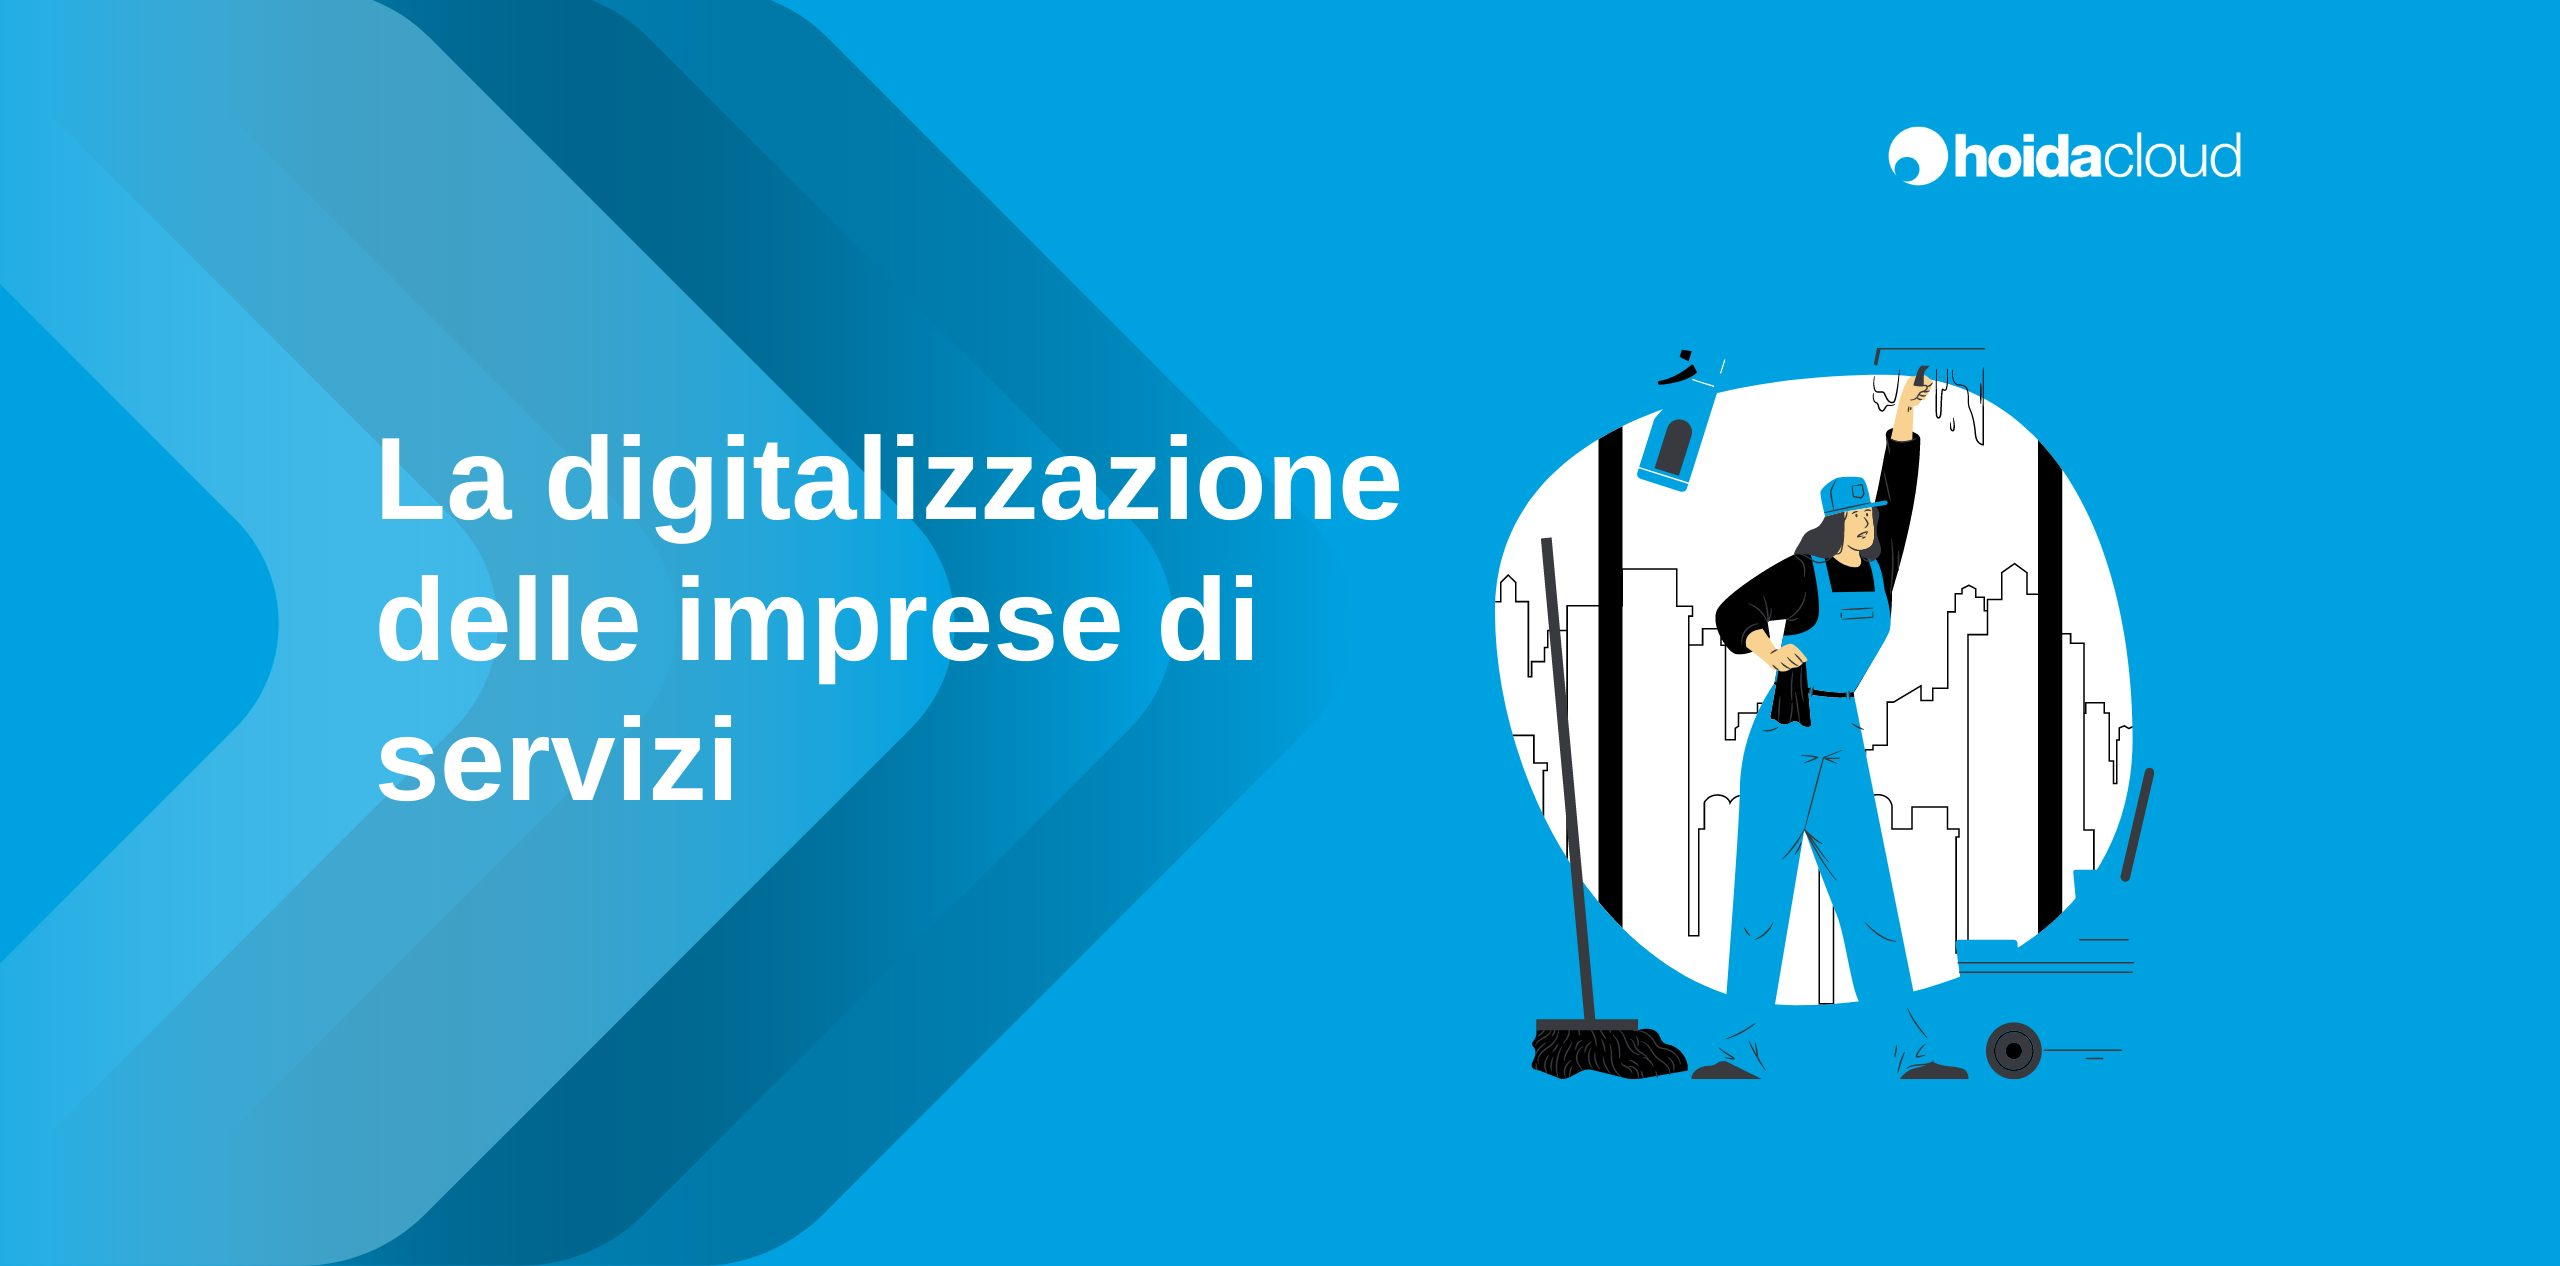 La digitalizzazione delle imprese di pulizia